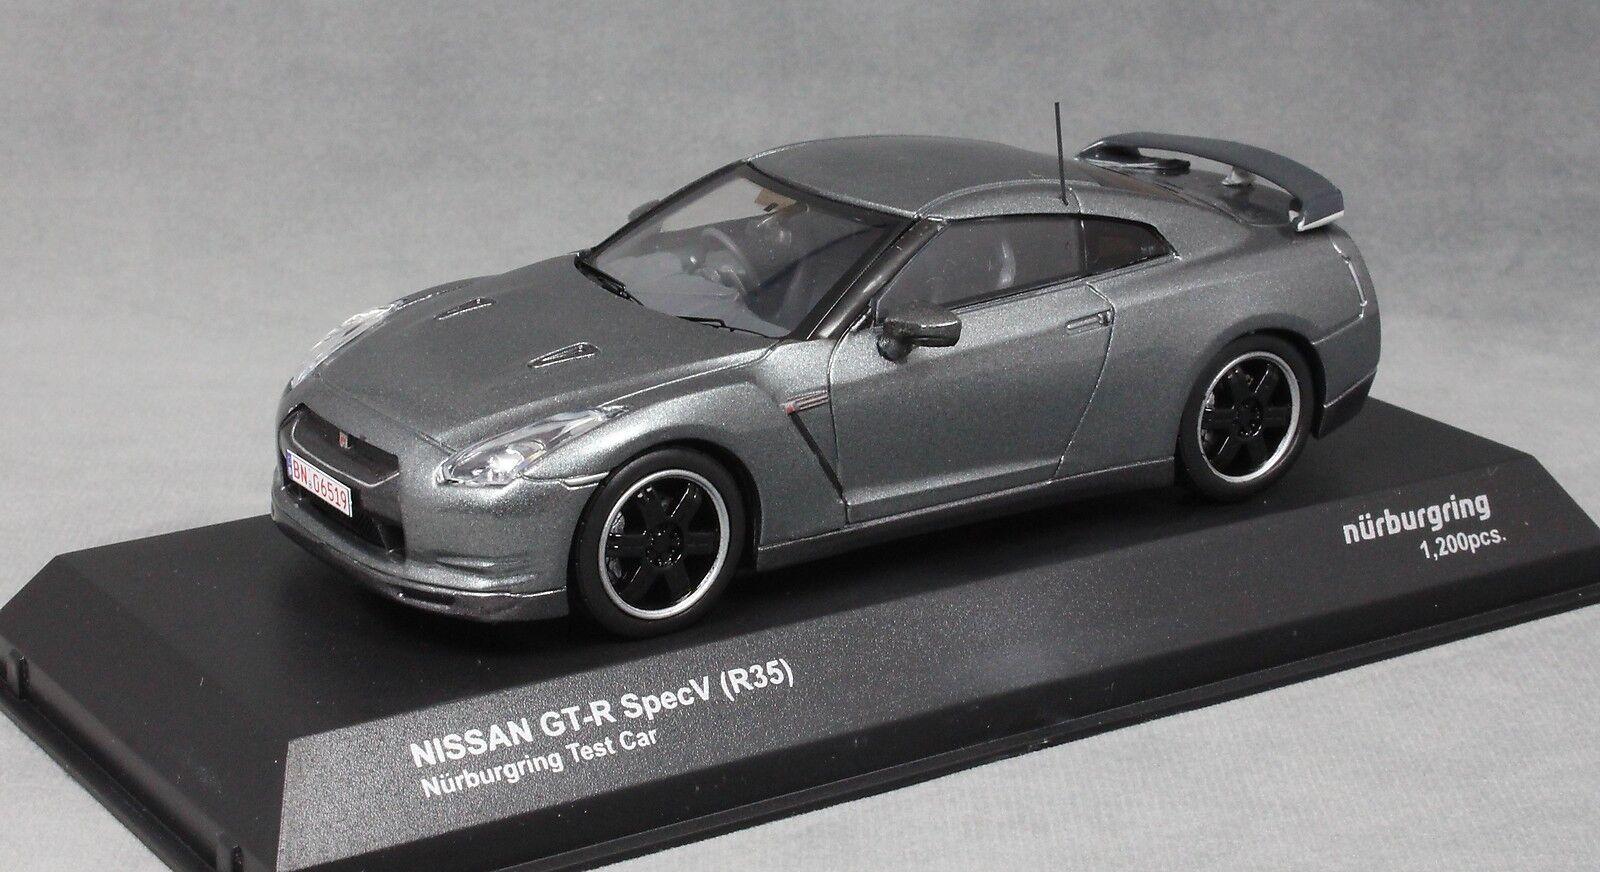 Kyosho Nissan Gt-r Spec V R35 Nurburgring Nurburgring Nurburgring Prueba Coche en gris Metálico 03742NU 1 43 66081d